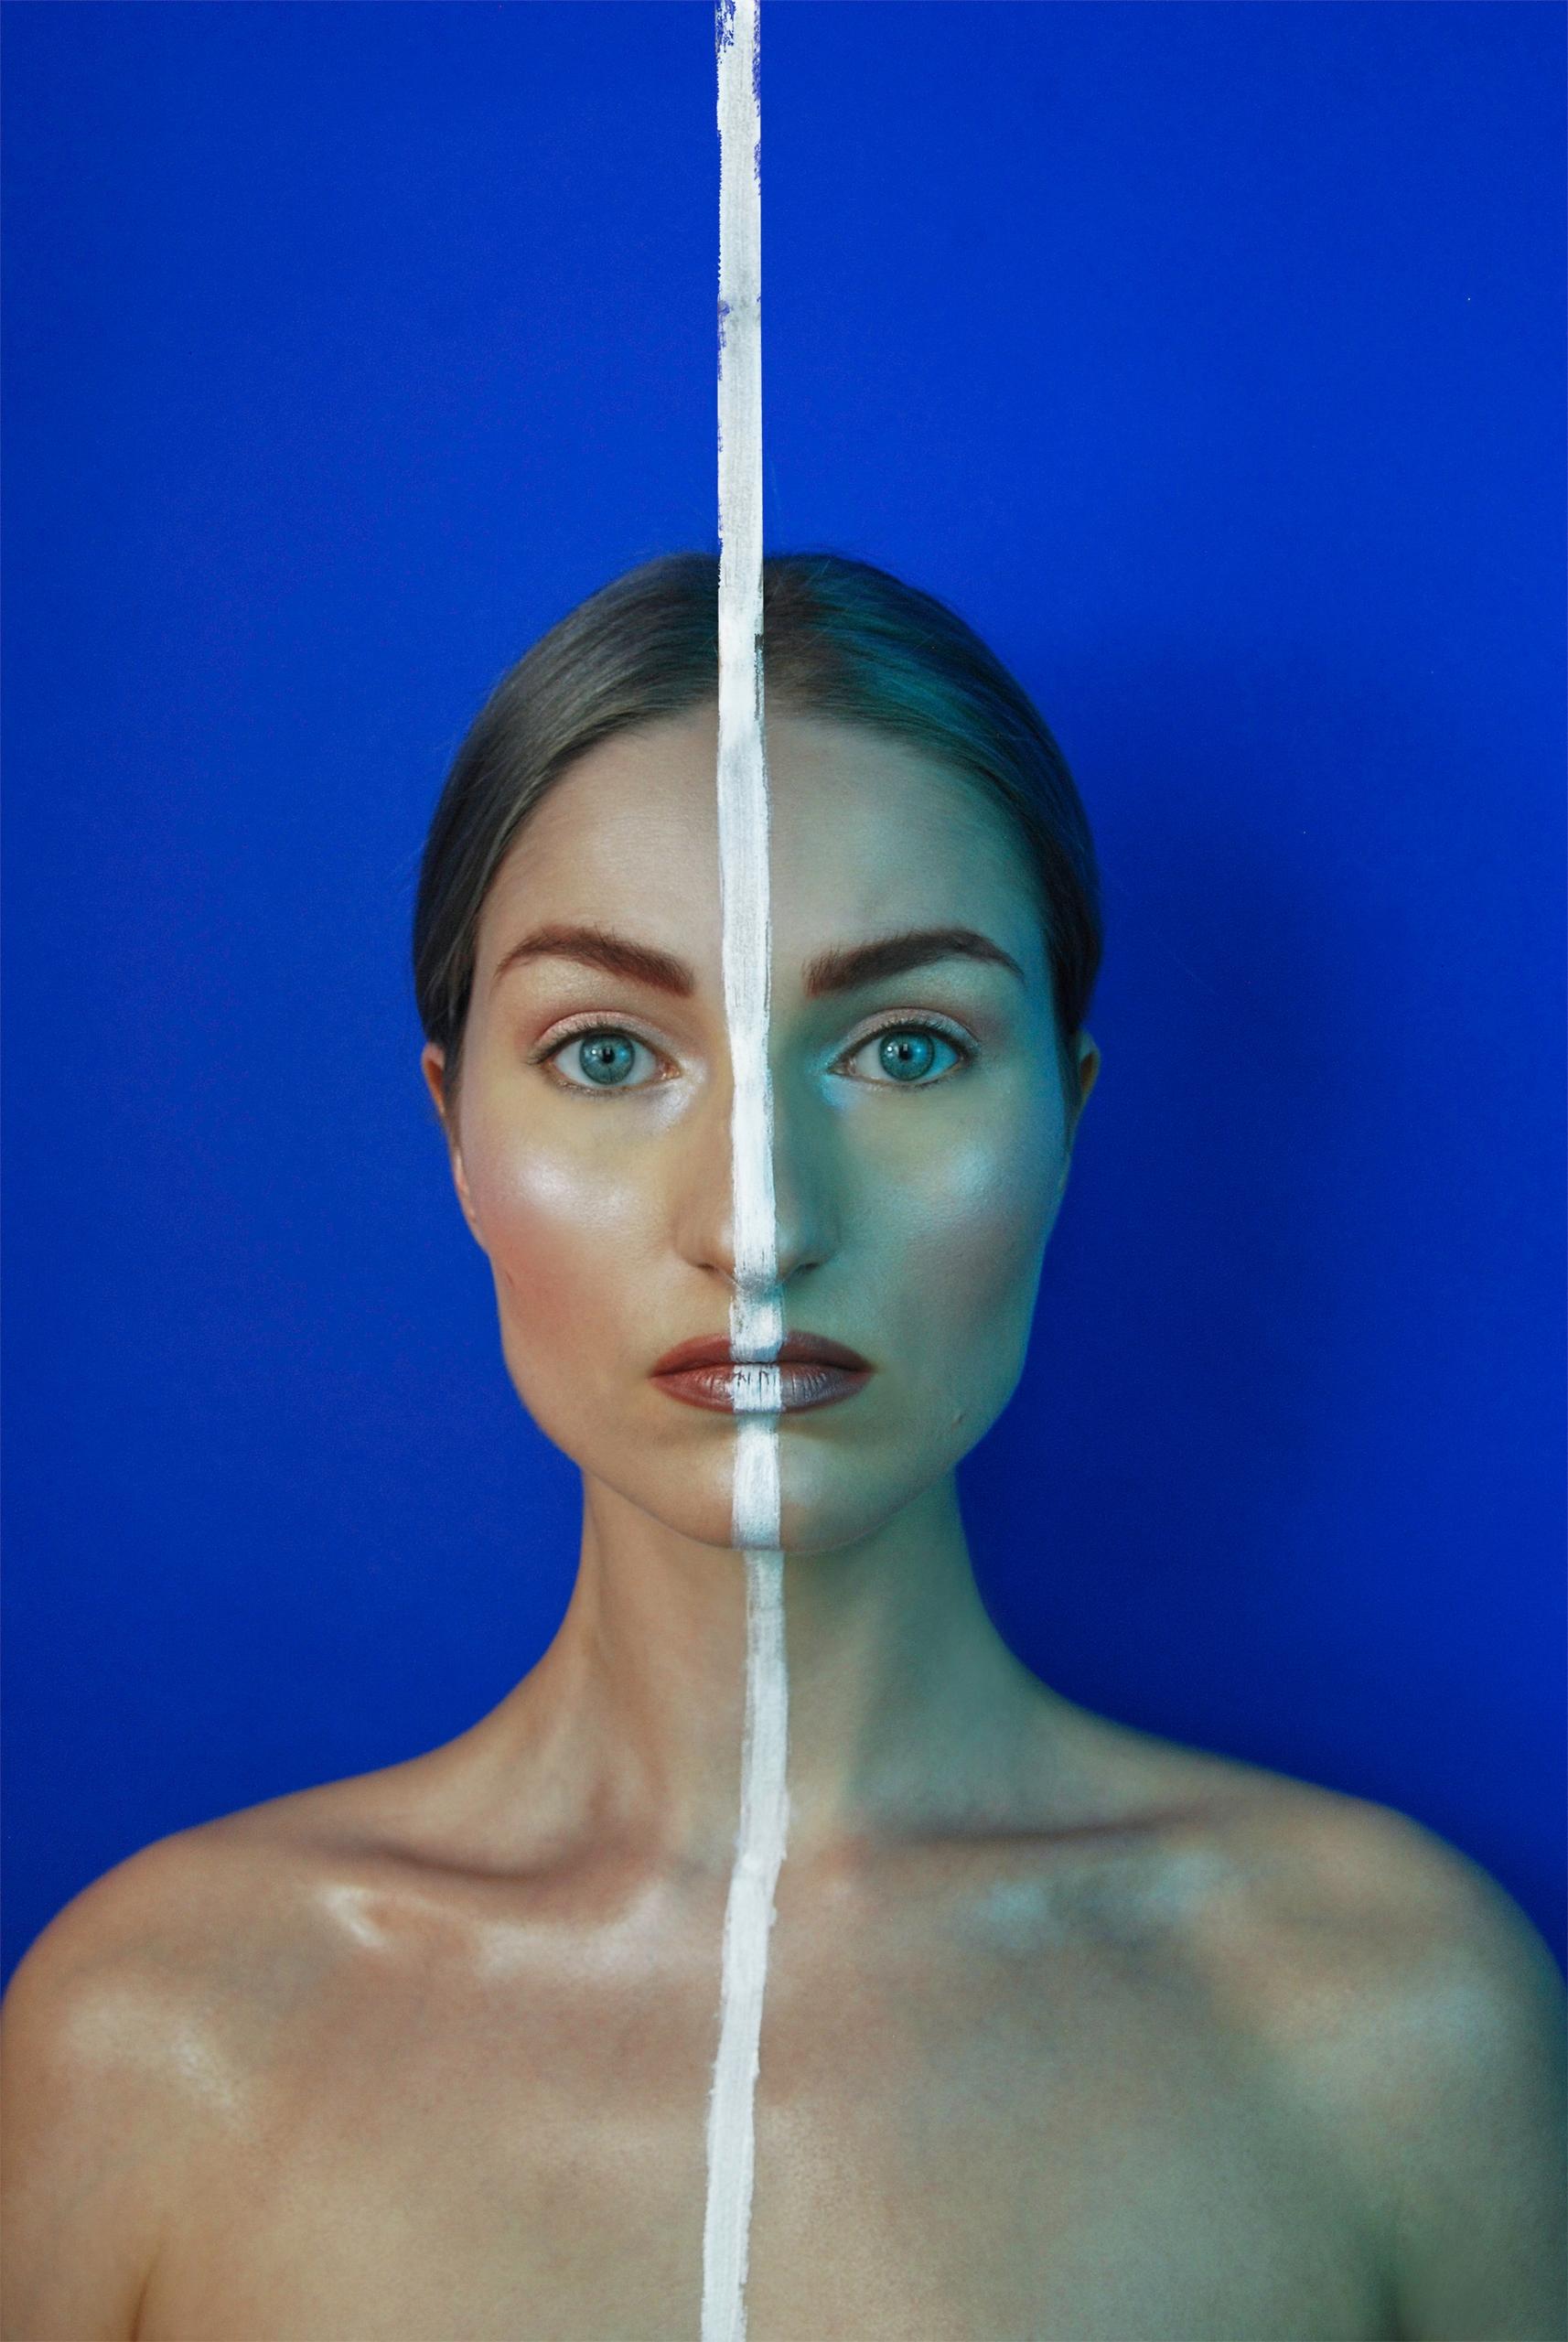 Fotografia przedstawia portret młodej kobiety, która patrzy wprost na nas, a przez jej twarz i ciało biegnie biała linia. Całość na niebieskim tle.